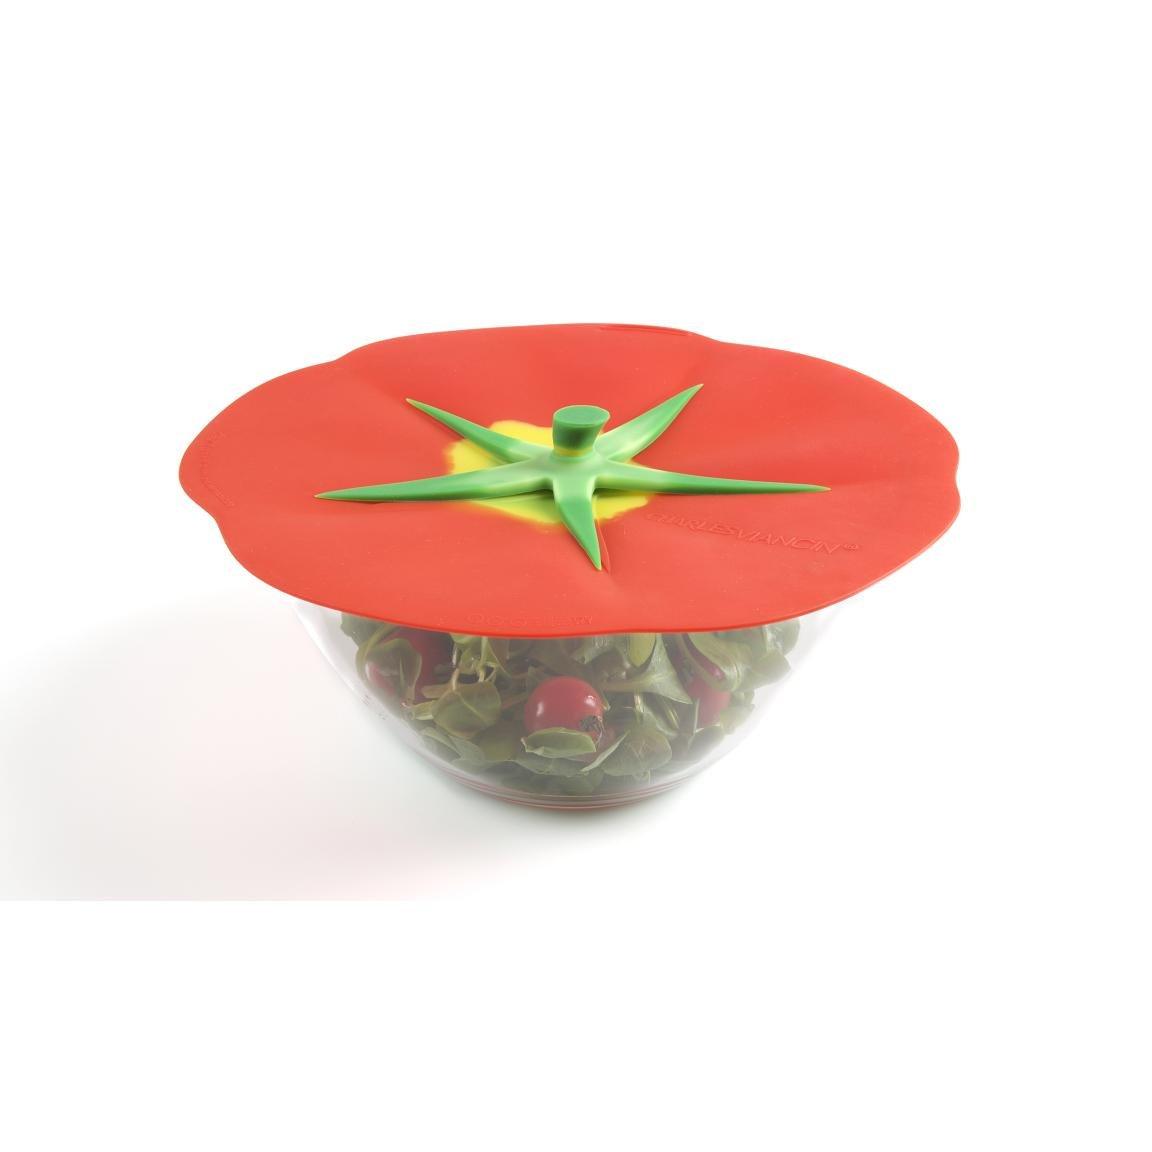 VIANCIN - 9609eu - Tapa Hermetique silicona Decor Tomate 15 cm ...